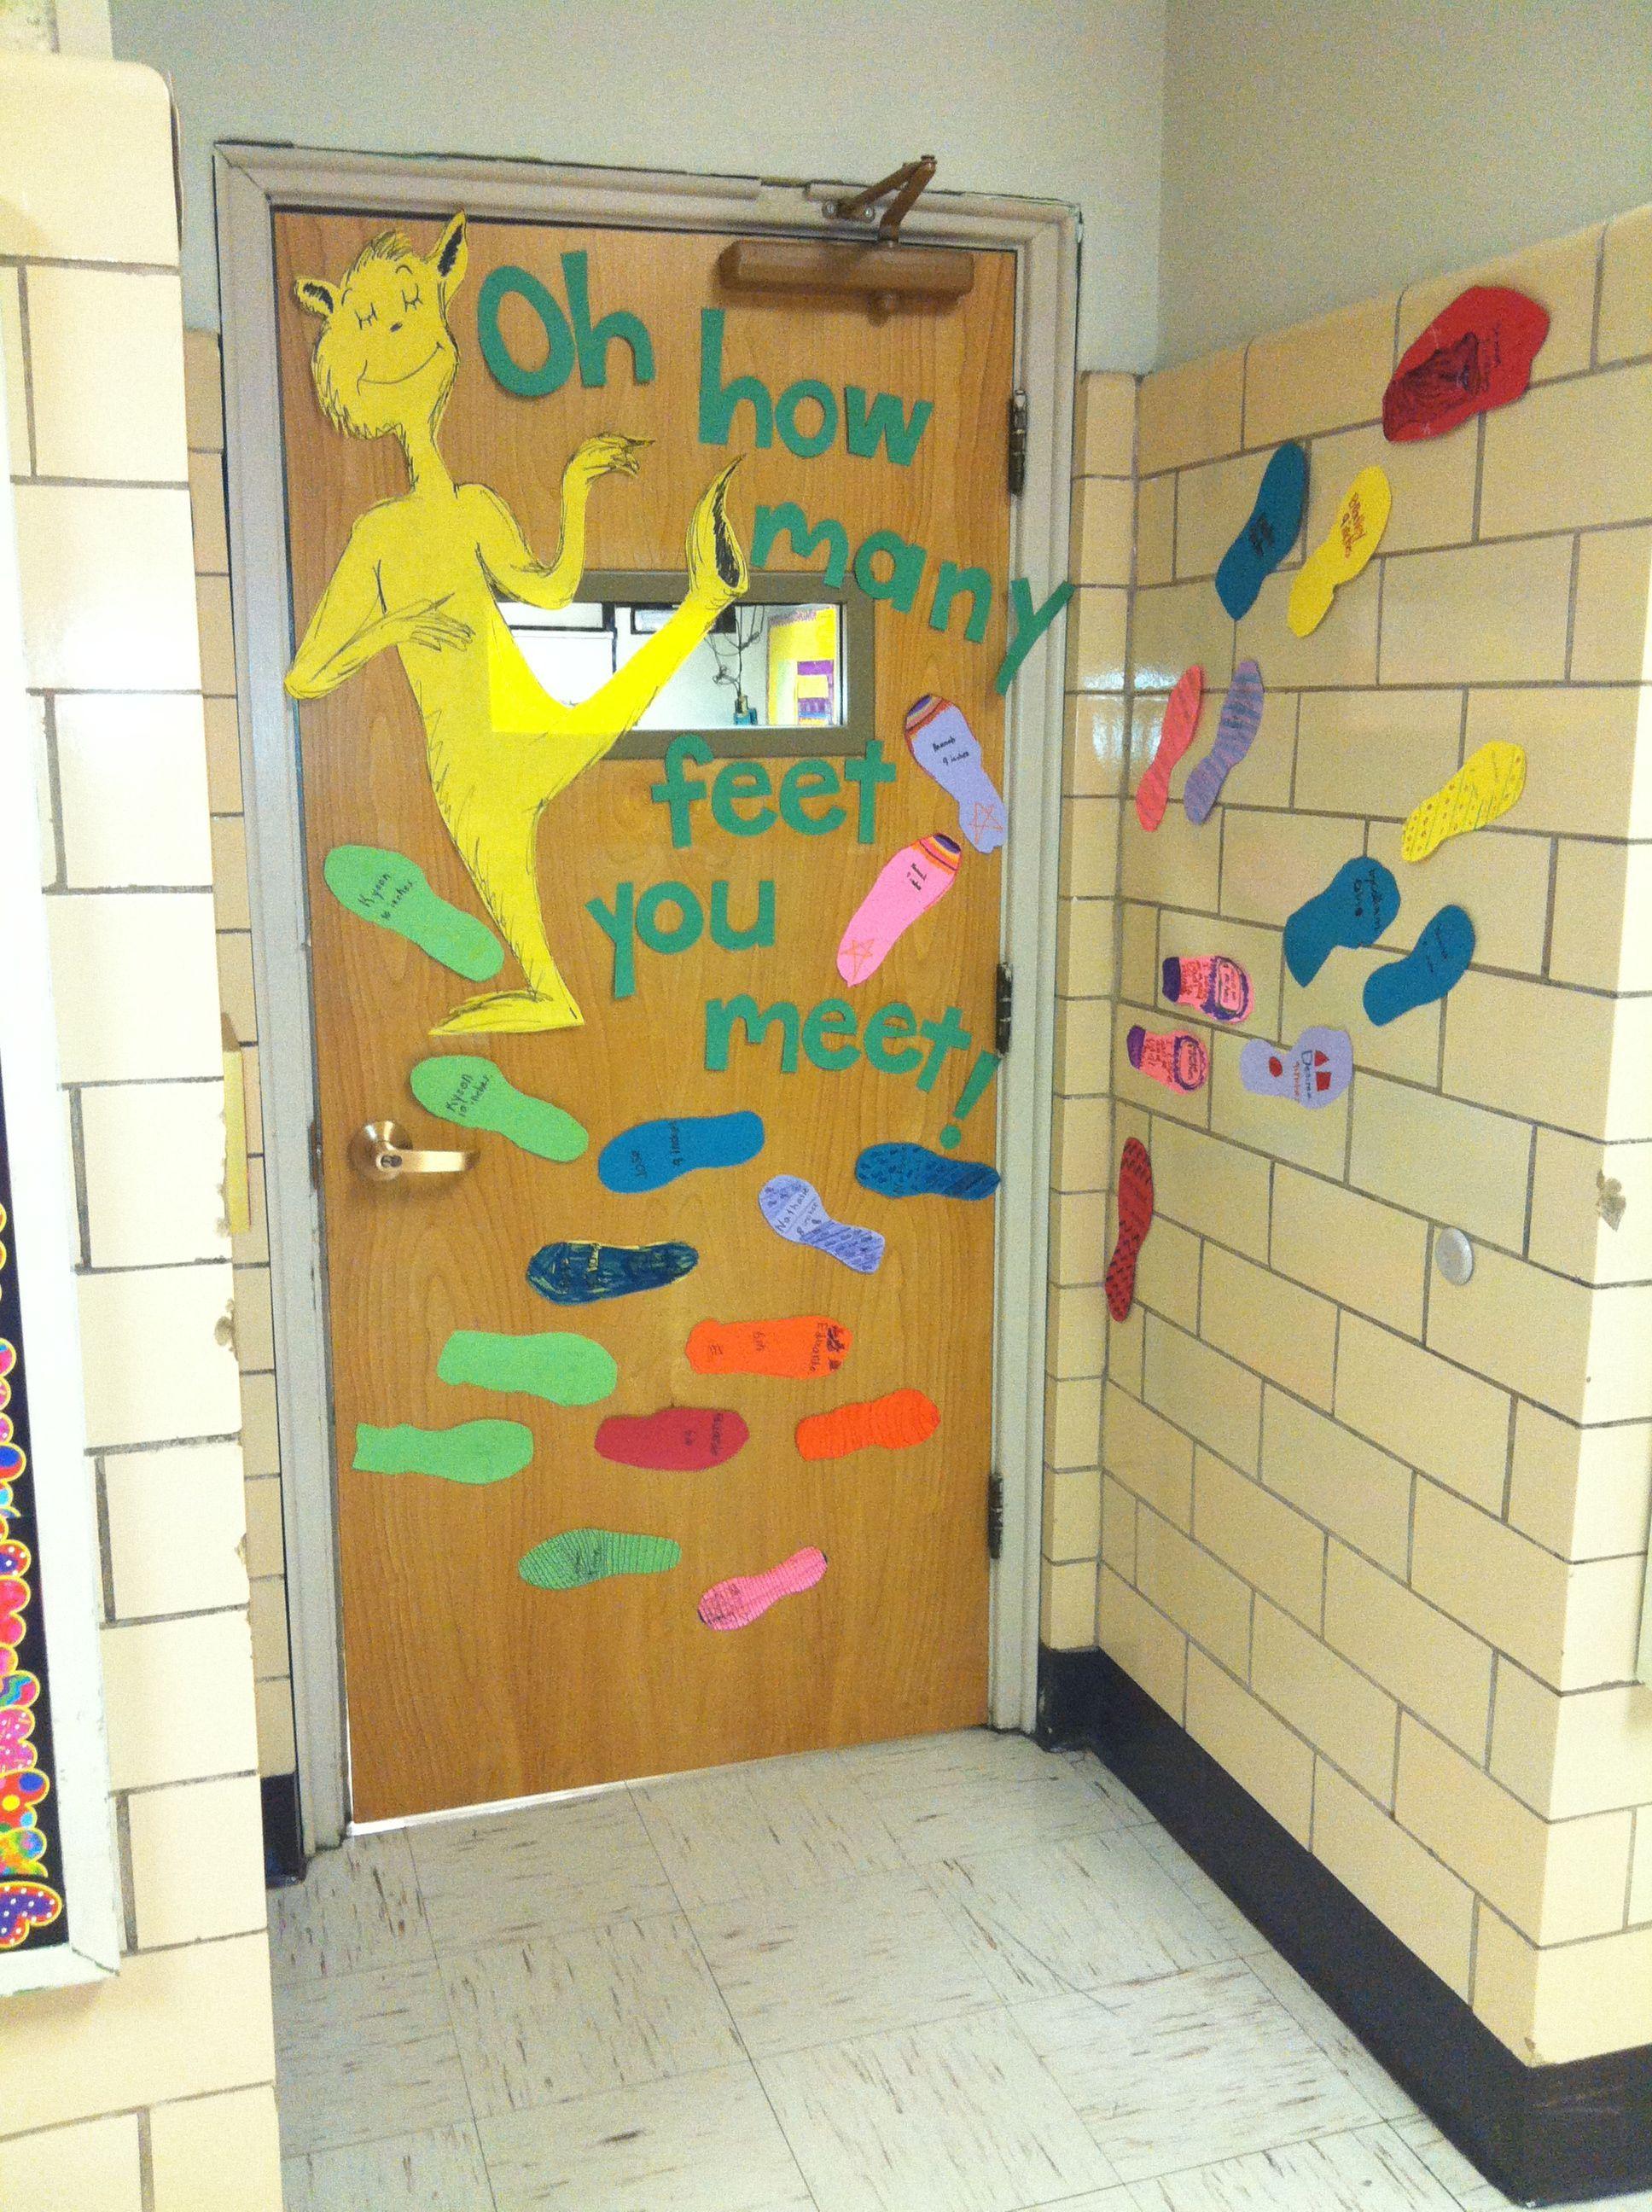 Read Across America- The Foot Book by Dr. Seuss- door decorating contest. The ki... Read Across America- The Foot Book by ...#america #book #contest #decorating #door #foot #read #seuss